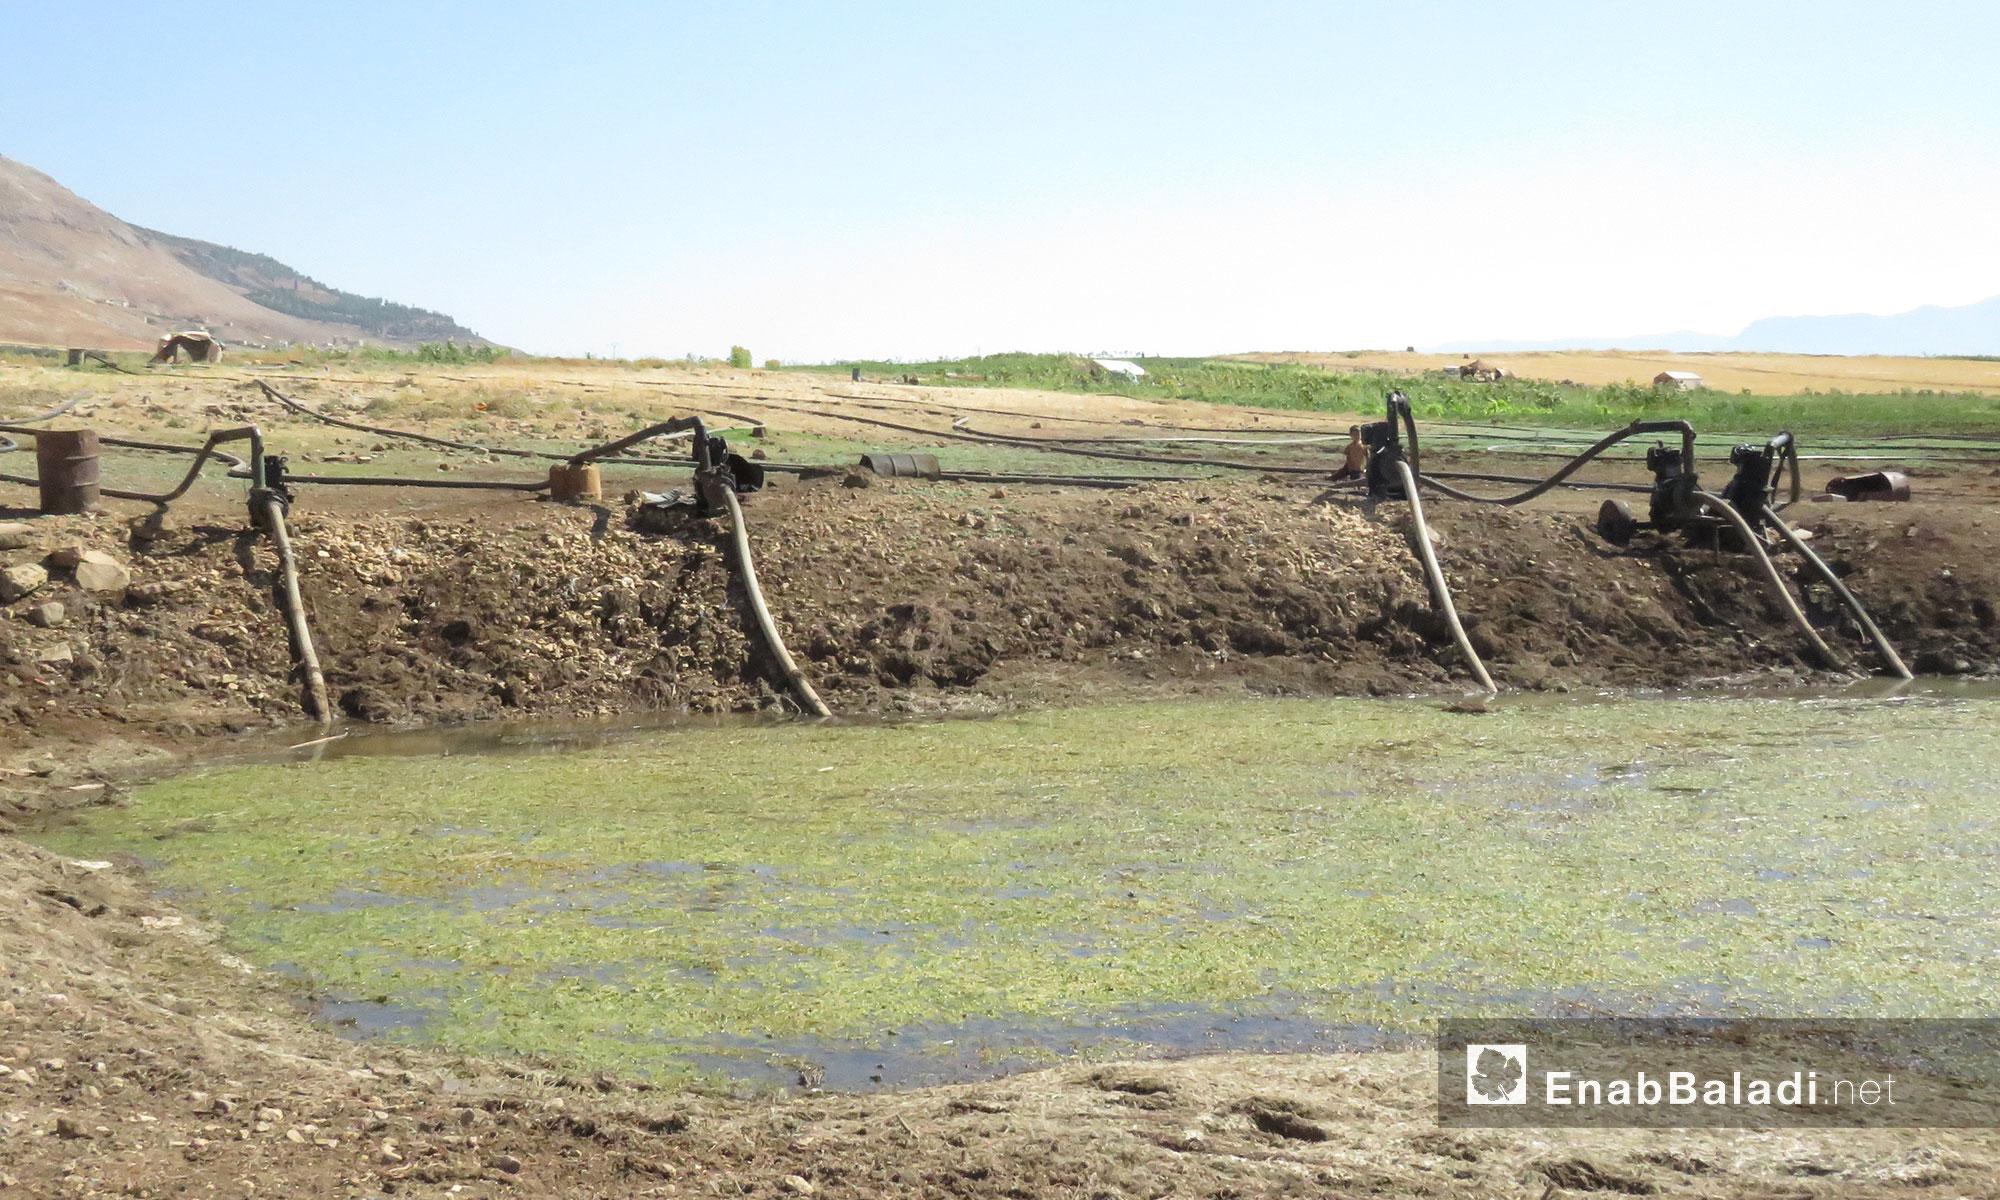 يقترب السد في الجفاف نتيحة الري العشوائي وغير المنظم للأراضي المحيطة